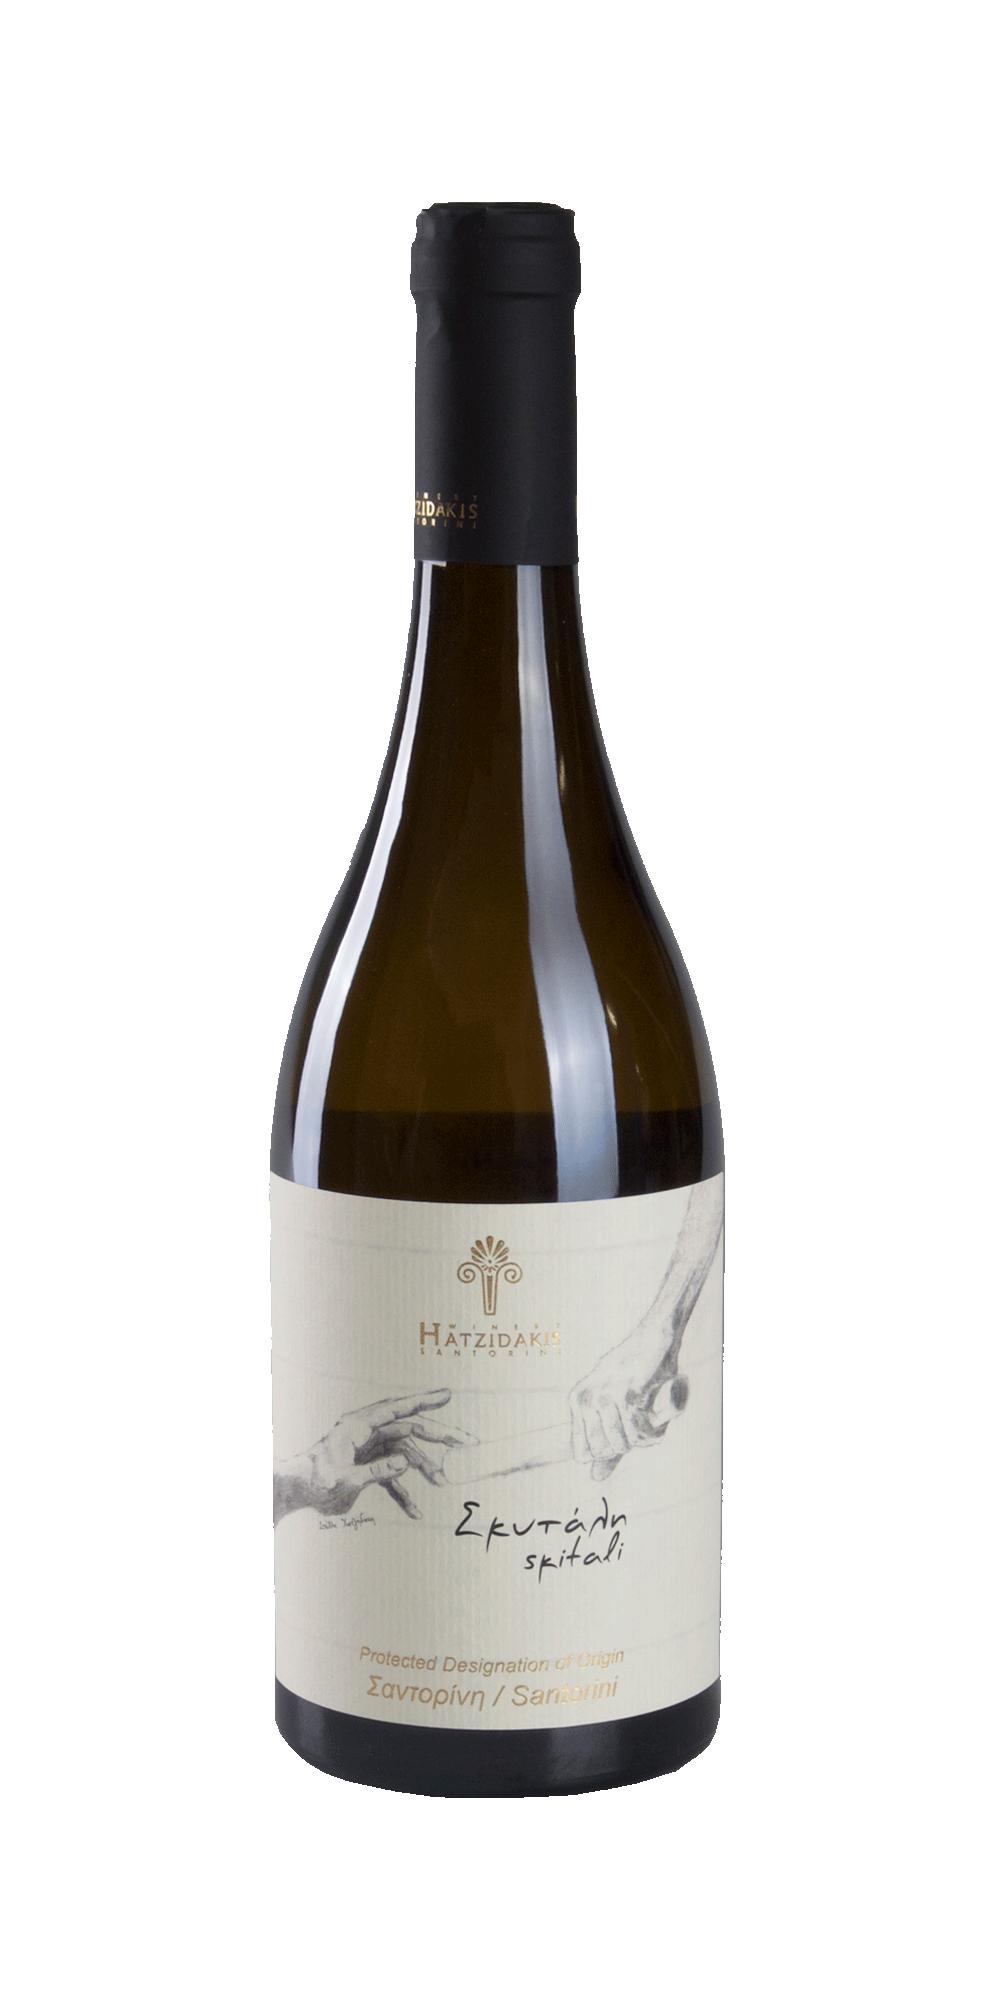 Skitali 2017 - Hatzidakis Winery